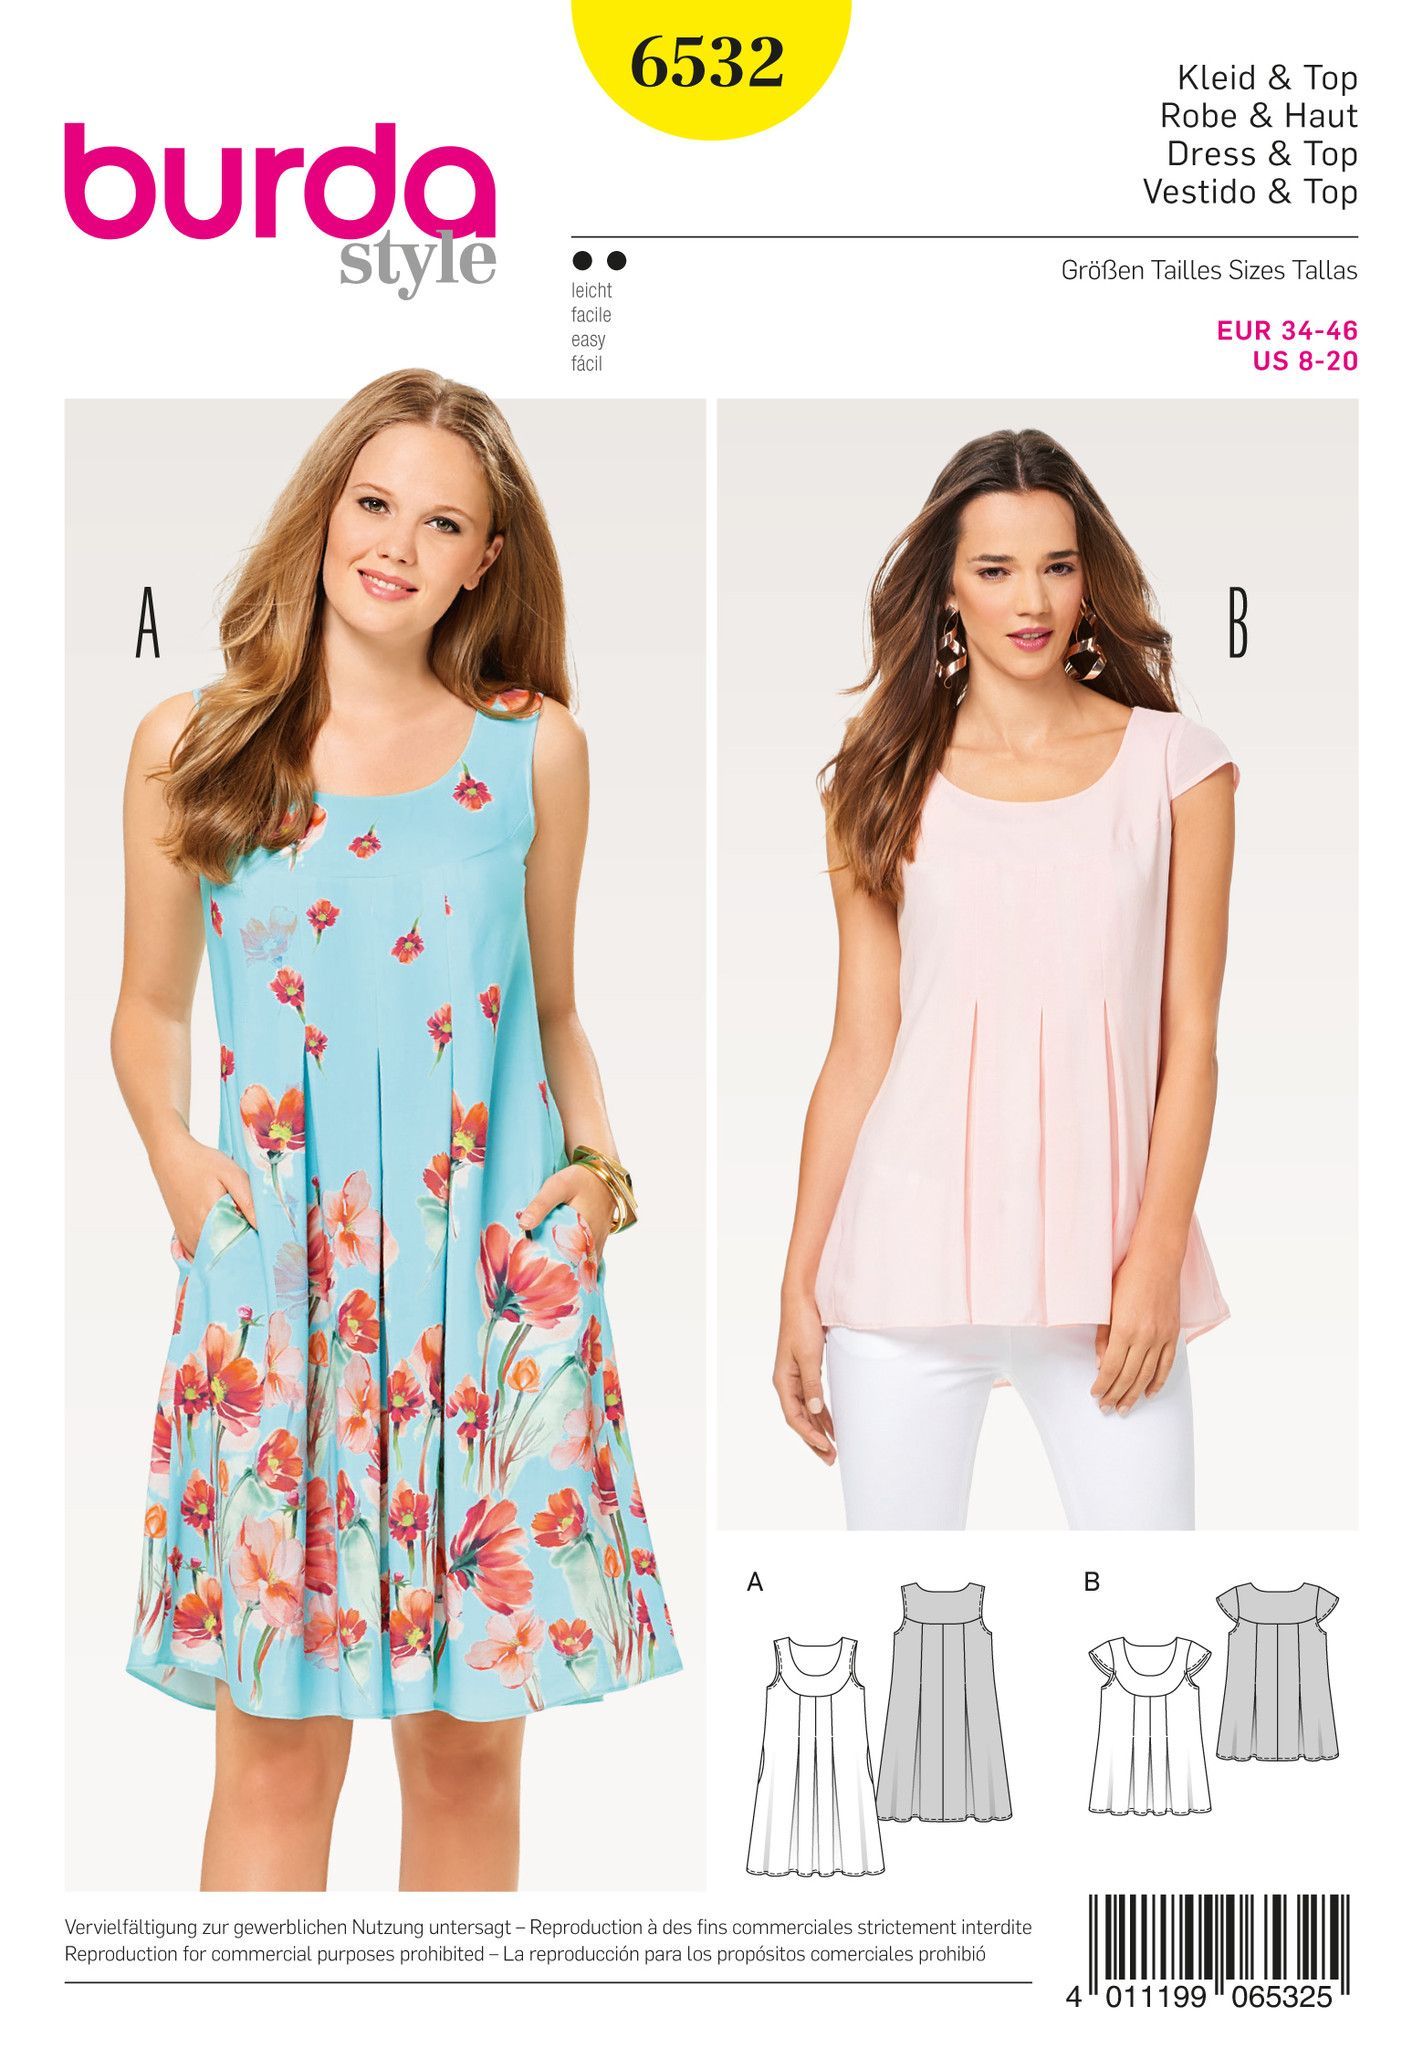 Burda style pattern b6522 misses sheath dress jaycotts burda style pattern b6522 misses sheath dress jaycotts sewing jeuxipadfo Choice Image